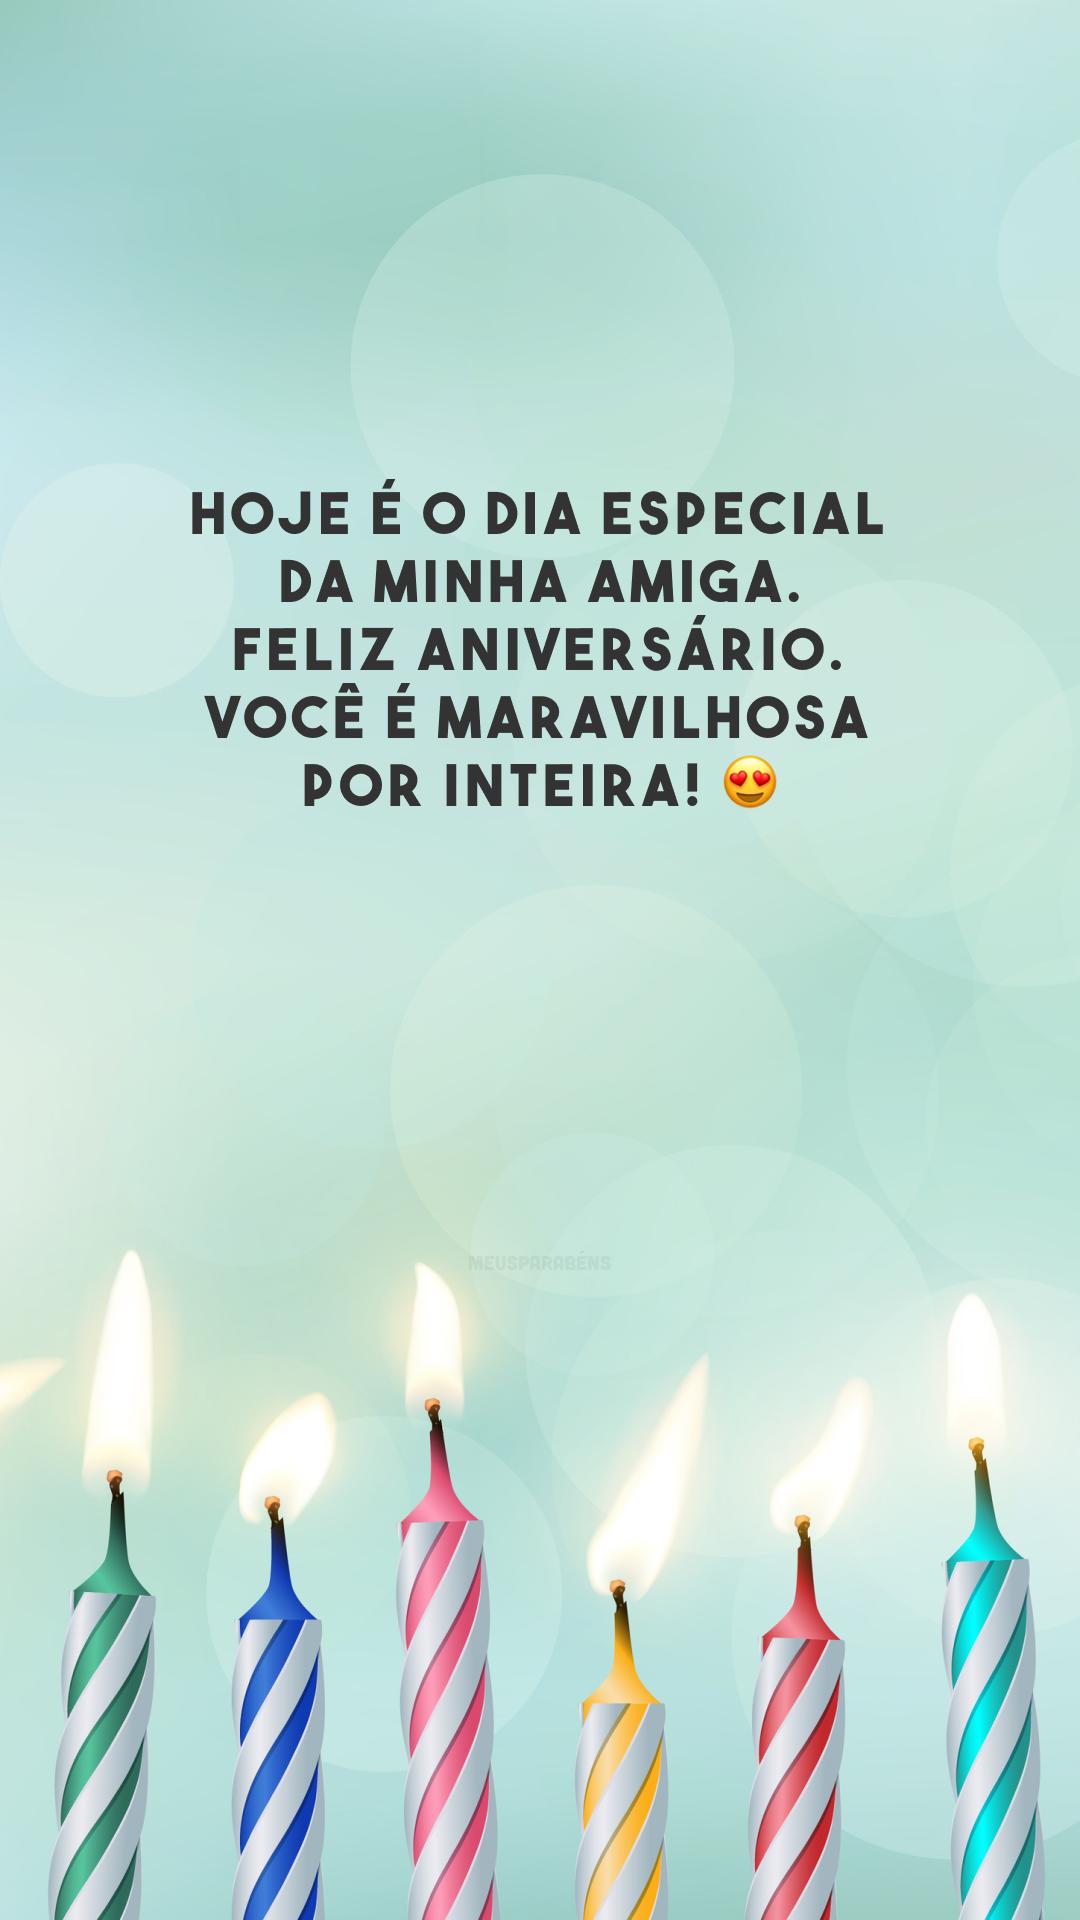 Hoje é o dia especial da minha amiga. Feliz aniversário. Você é maravilhosa por inteira! 😍